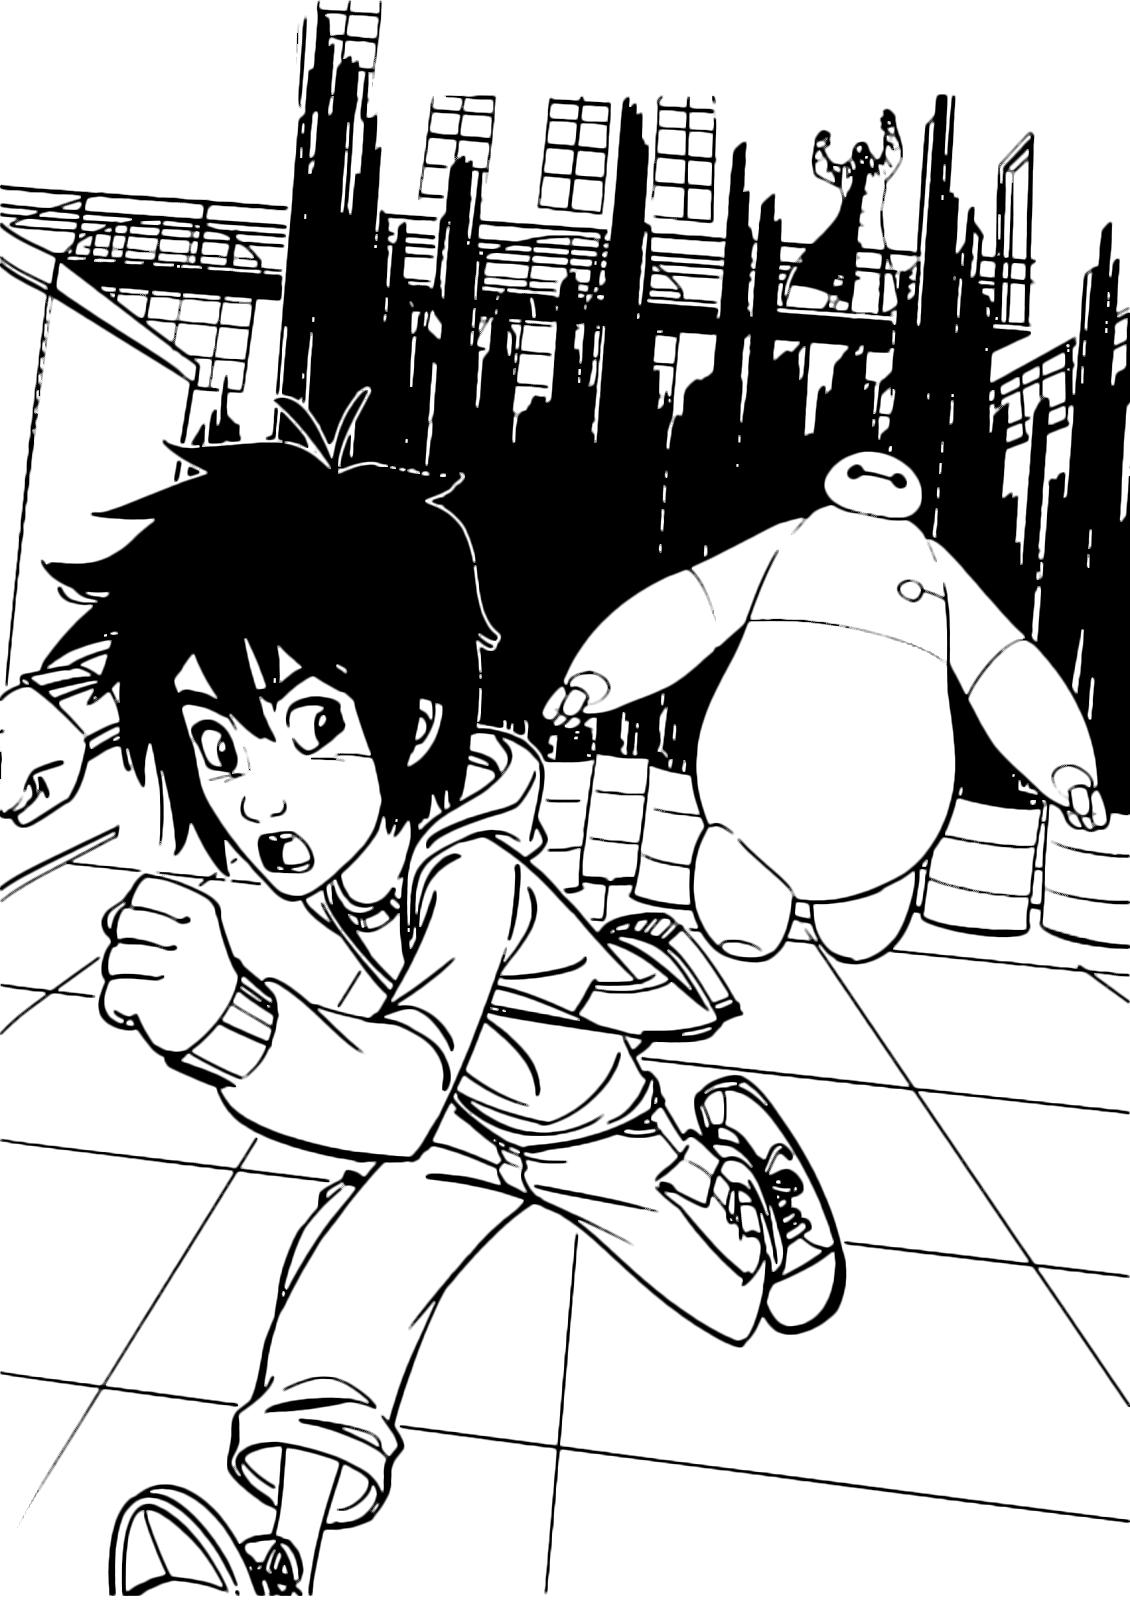 Big Hero 6 Hiro And Baymax Run Away From Microbot Controlled By Yokai